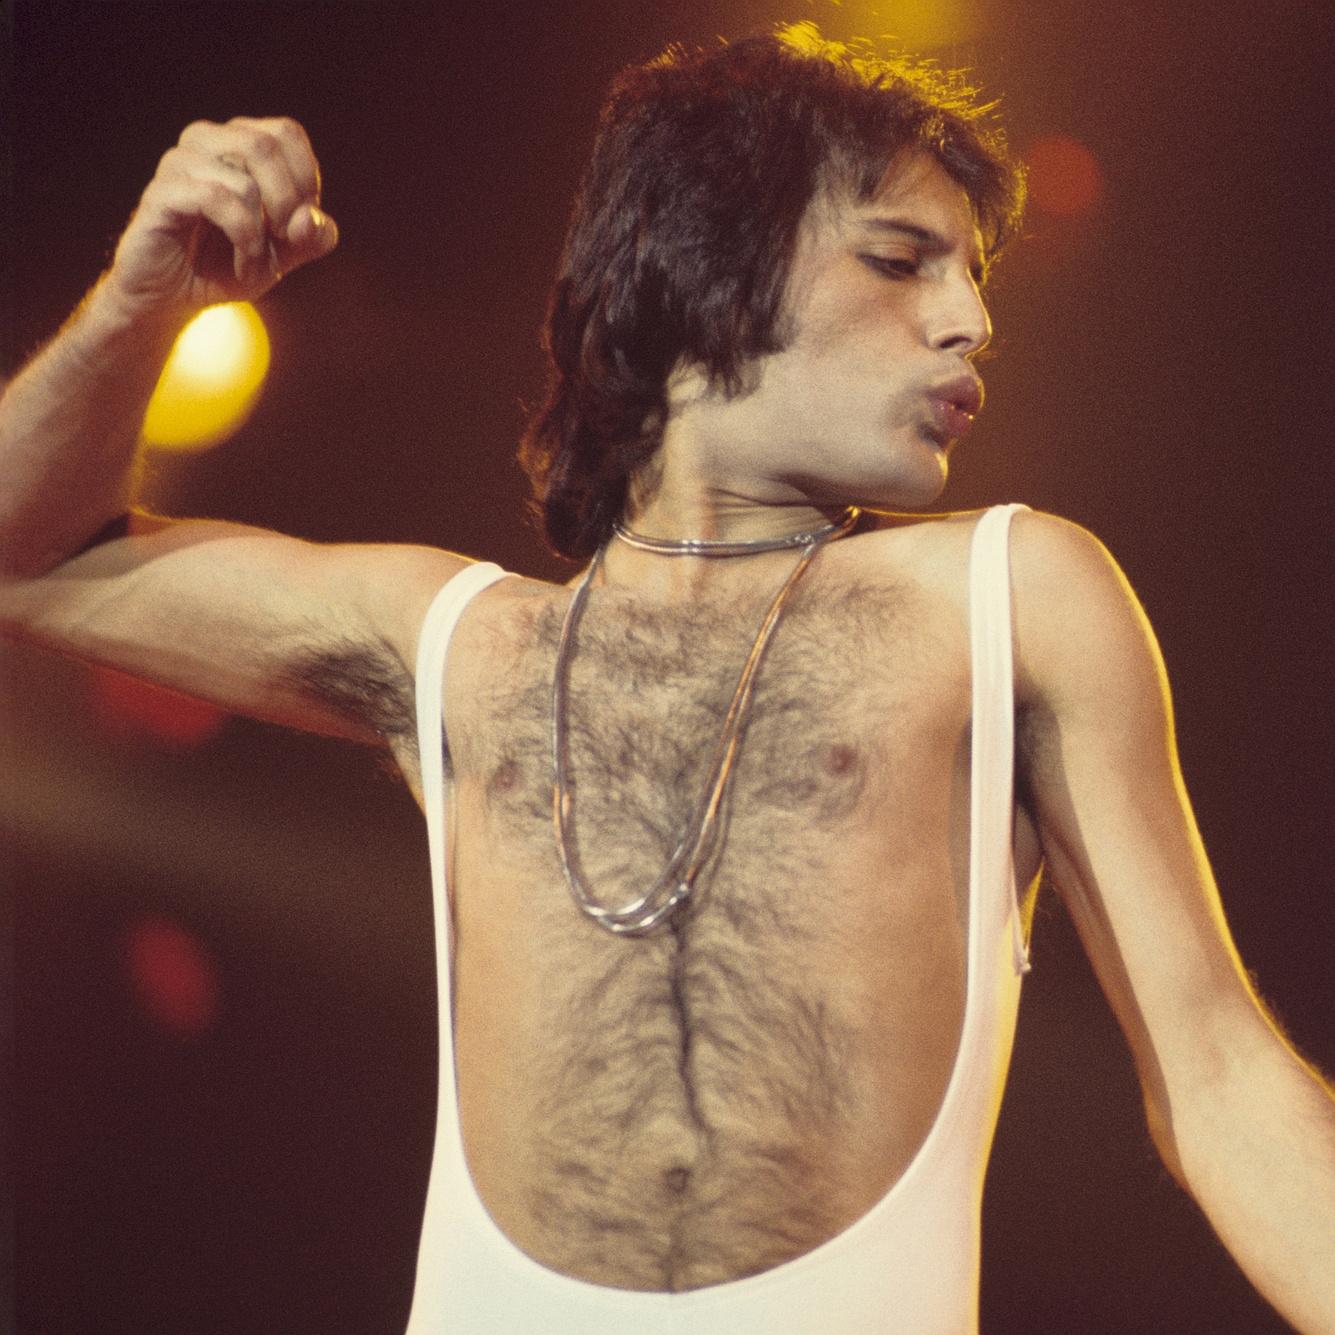 Freddie Mercury vadabb és bátrabb volt annál, ahogy ebben a filmben bemutatják